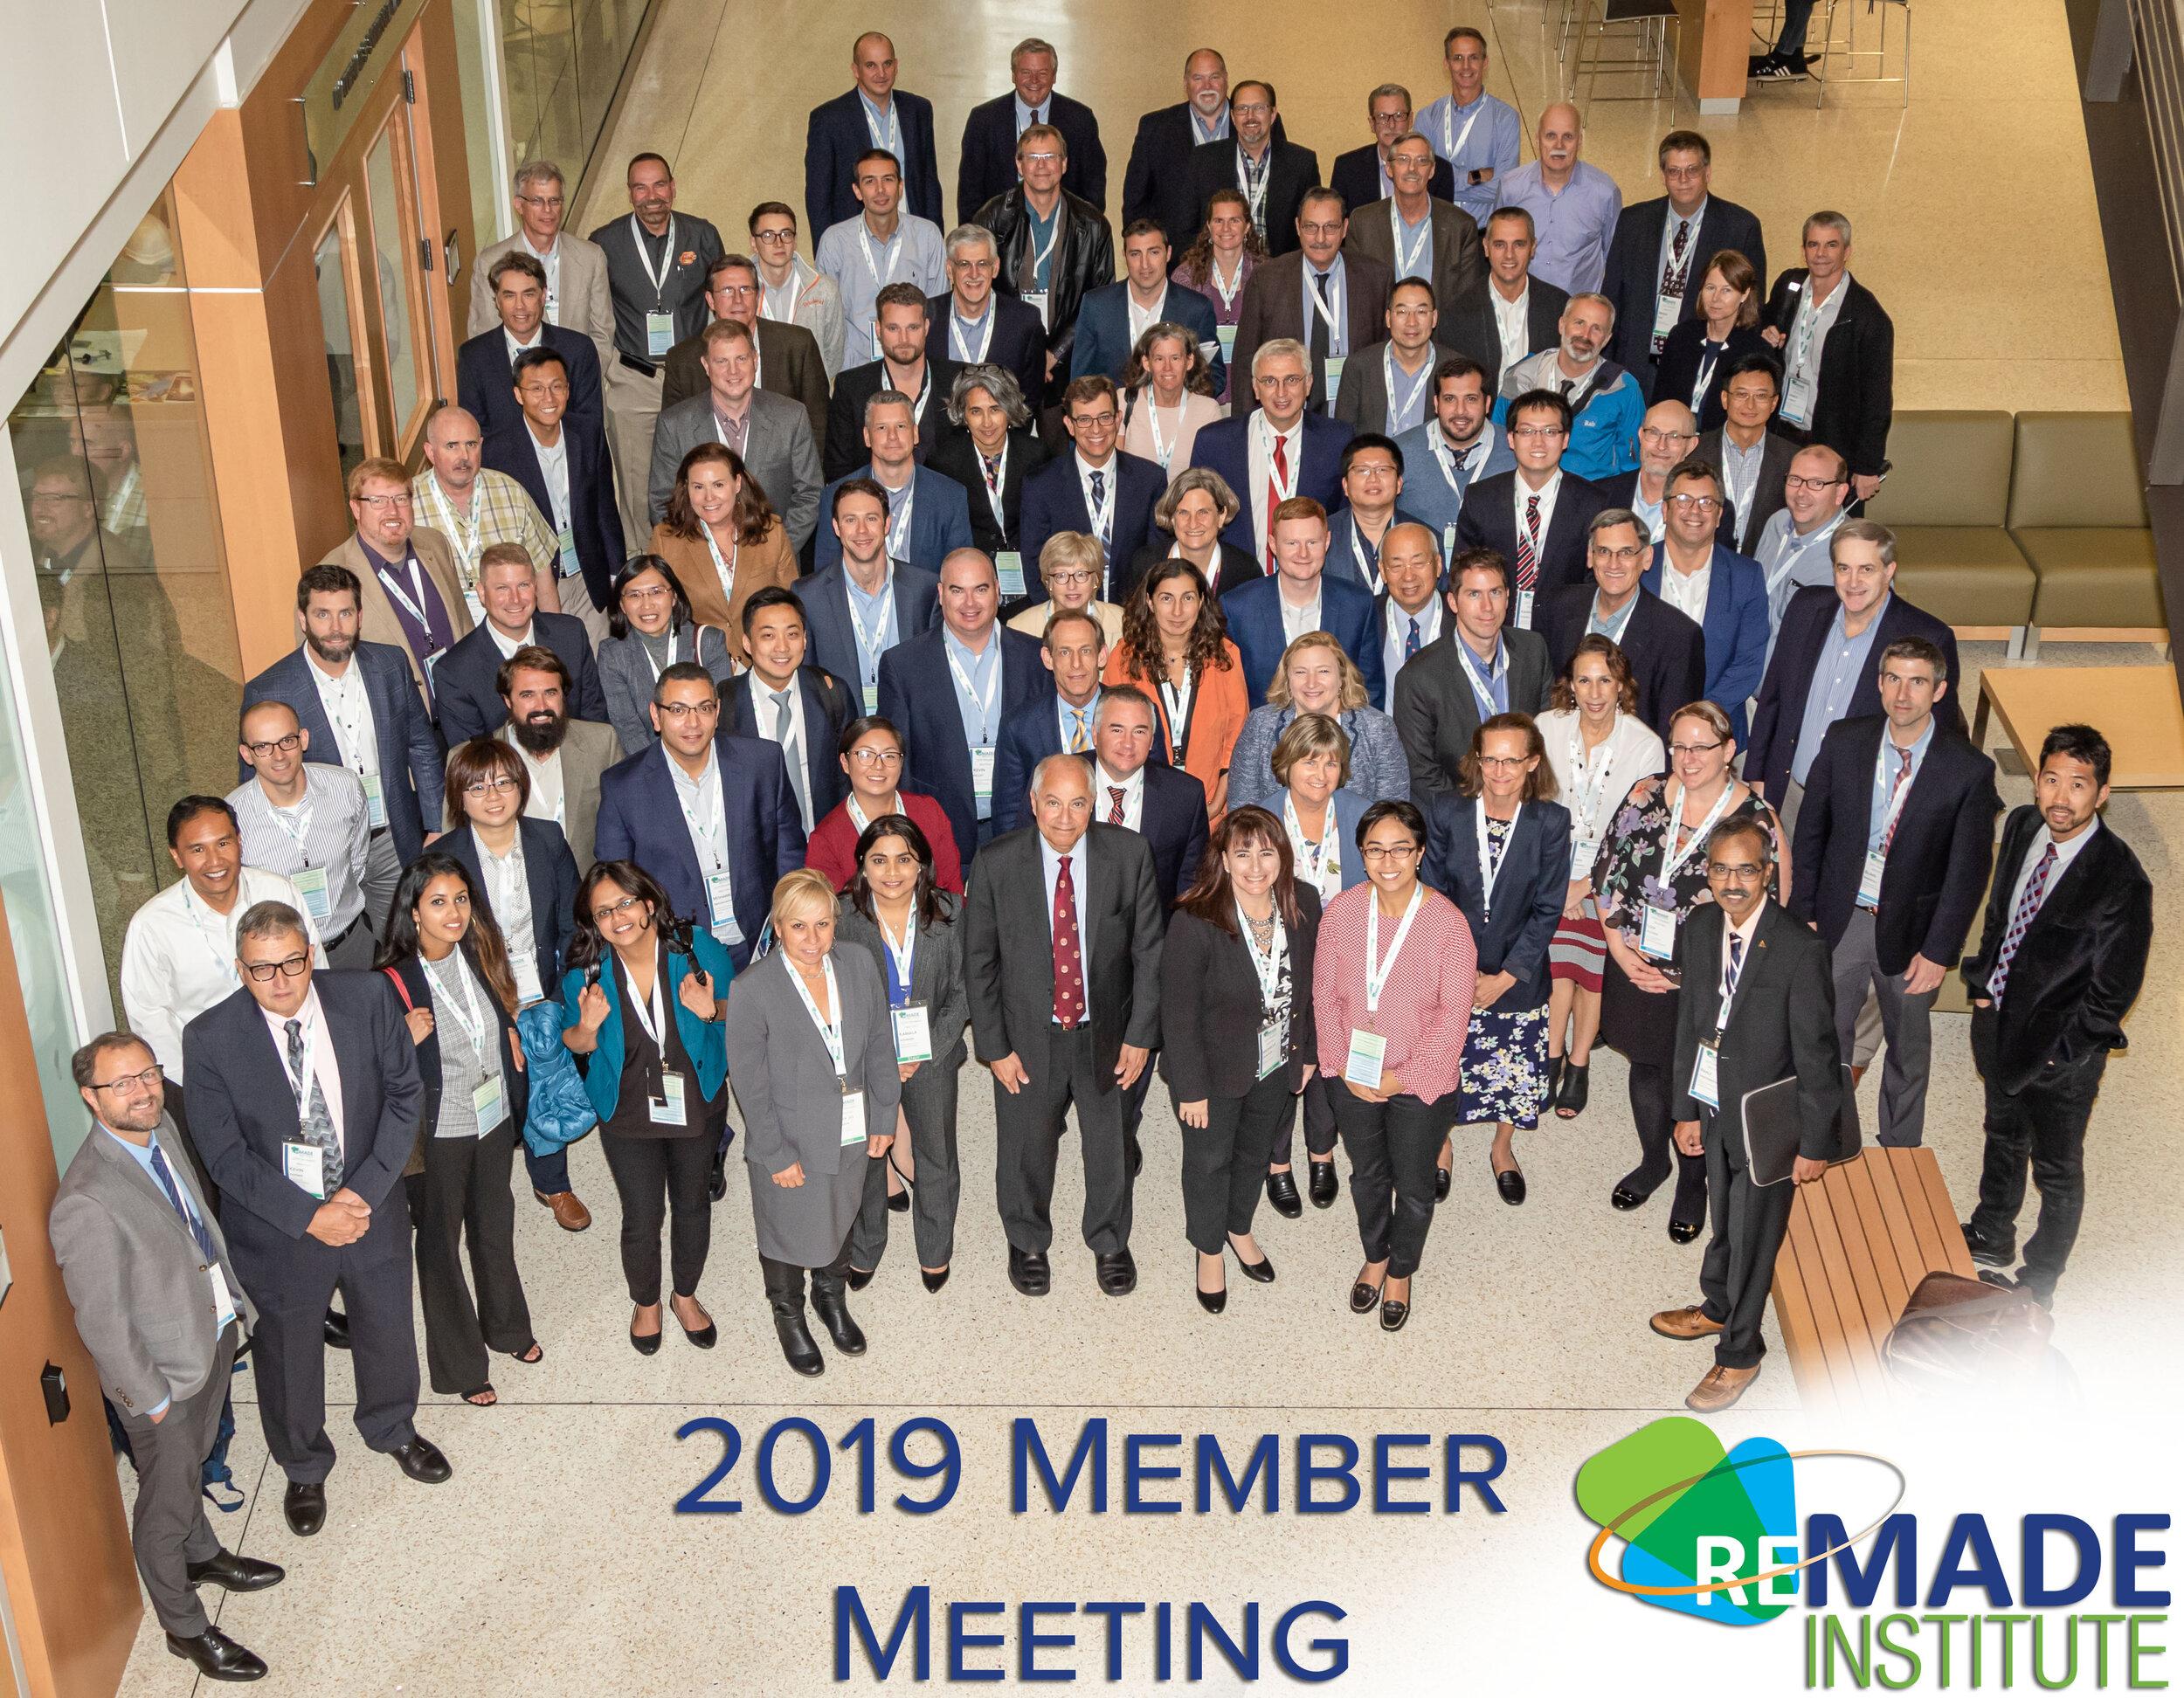 2019 Member Meeting Group Photo 3.jpg